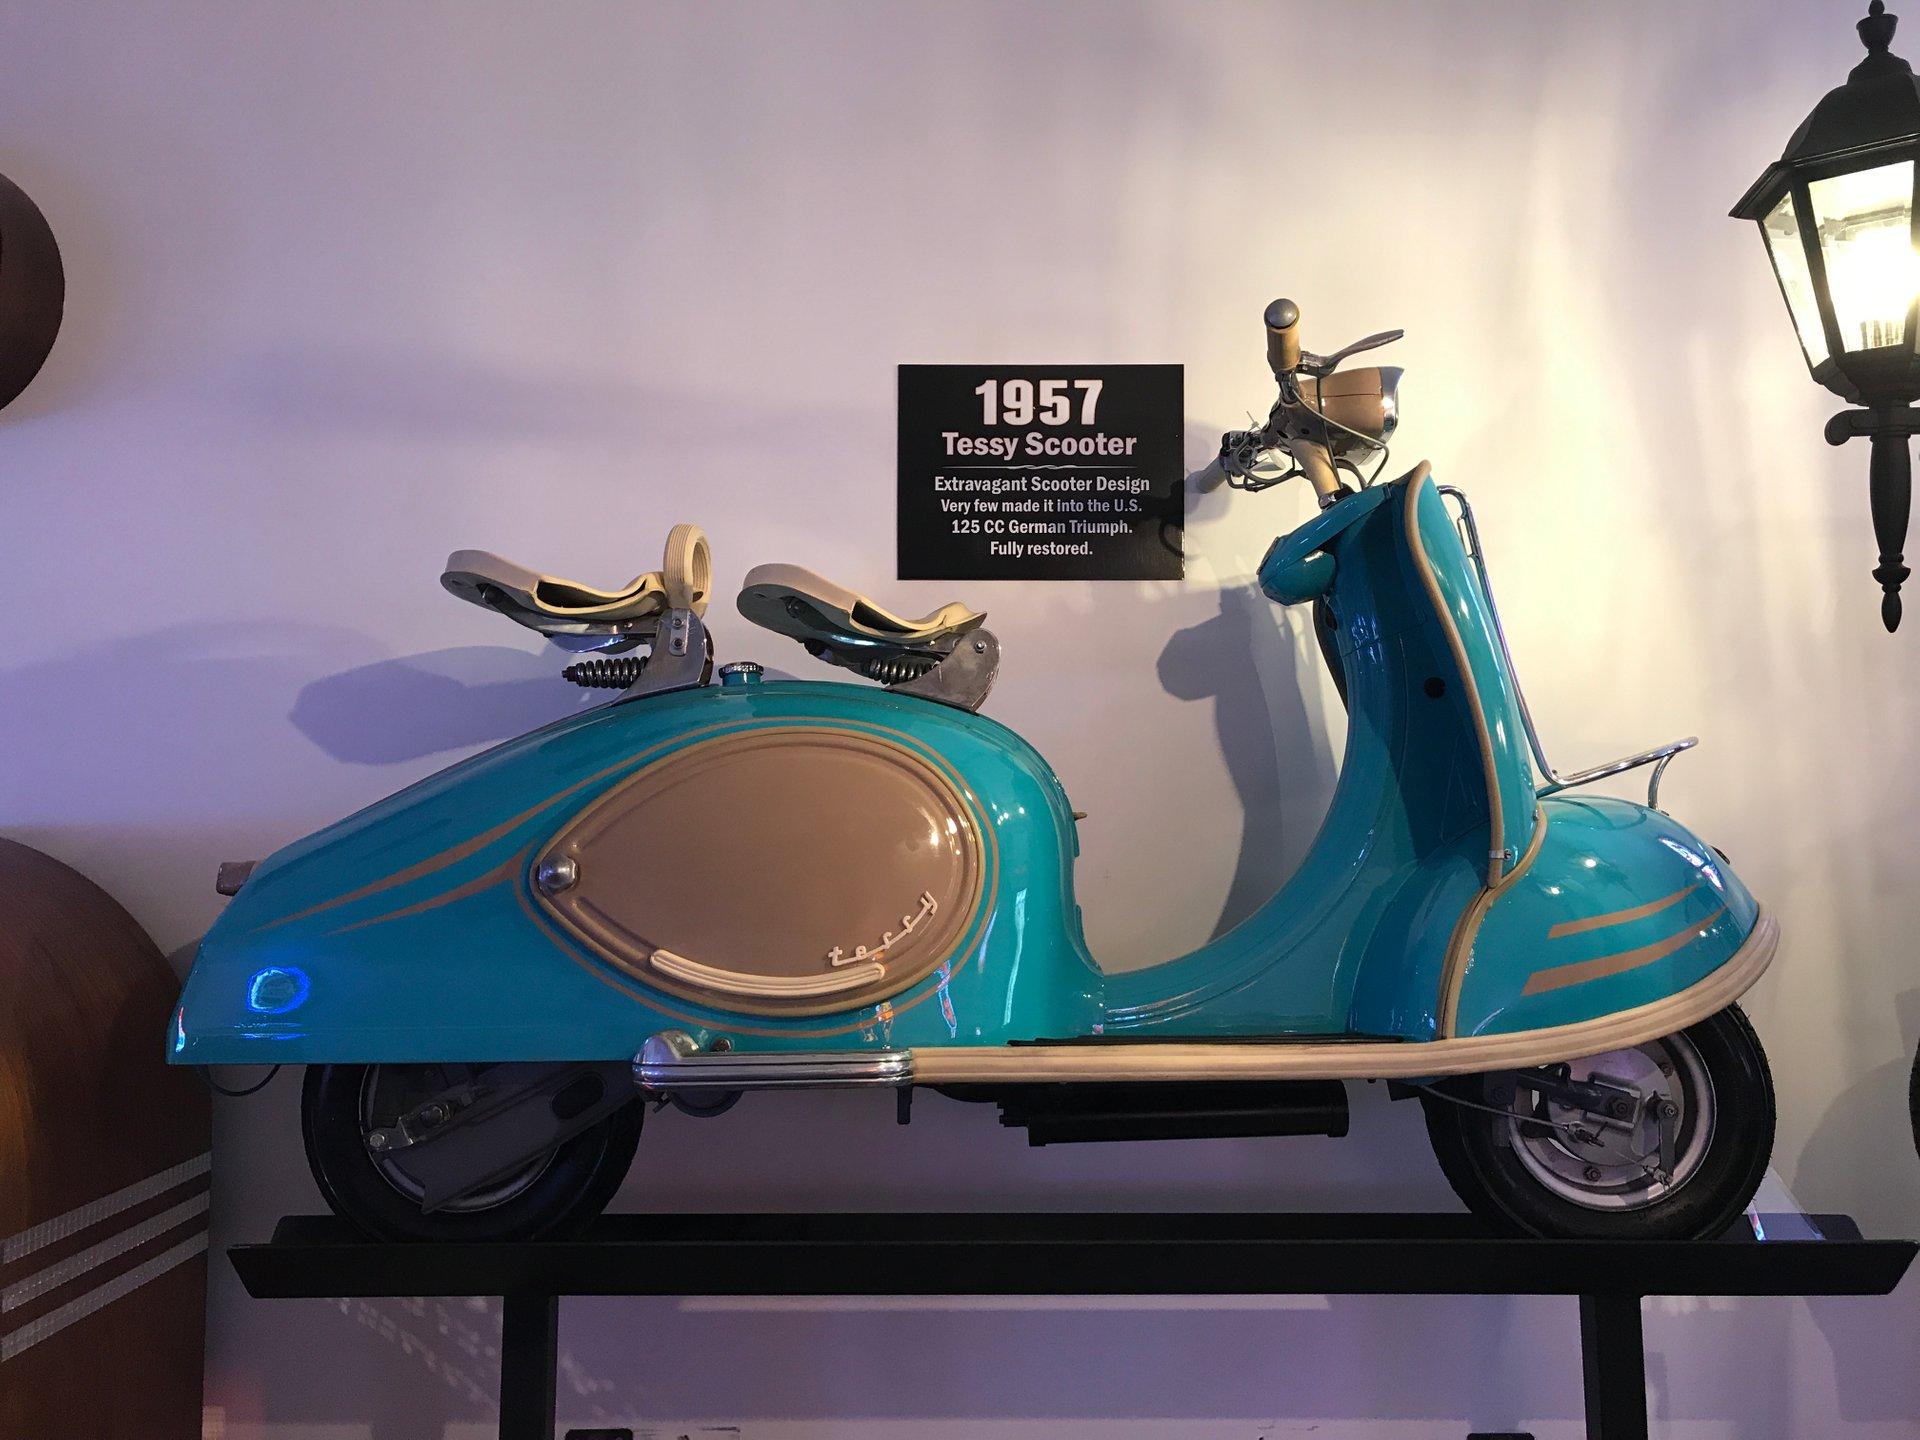 1957 tessy